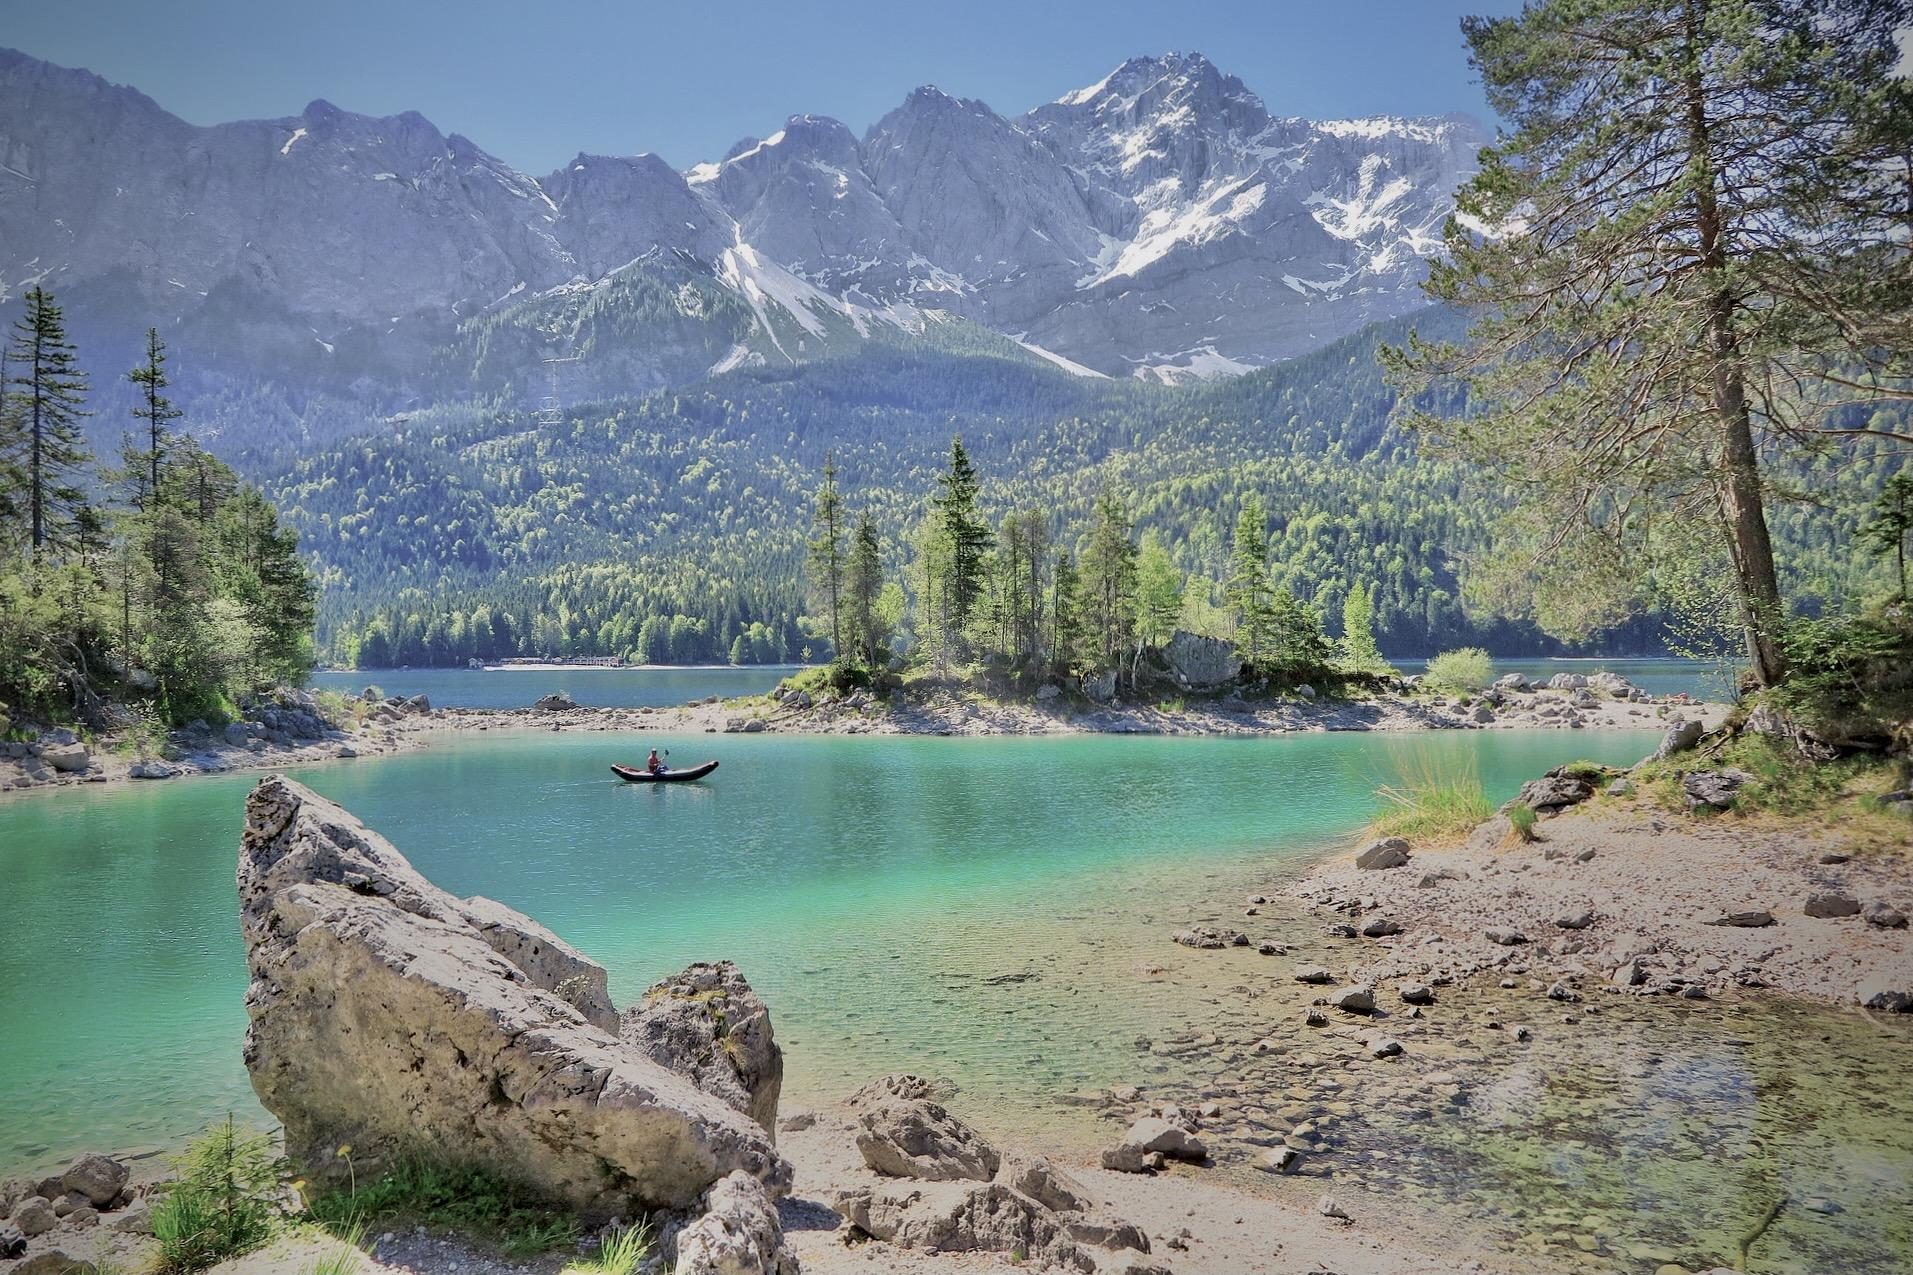 Der Eibsee in Oberbayern ist einer der schönsten Seen in Bayern